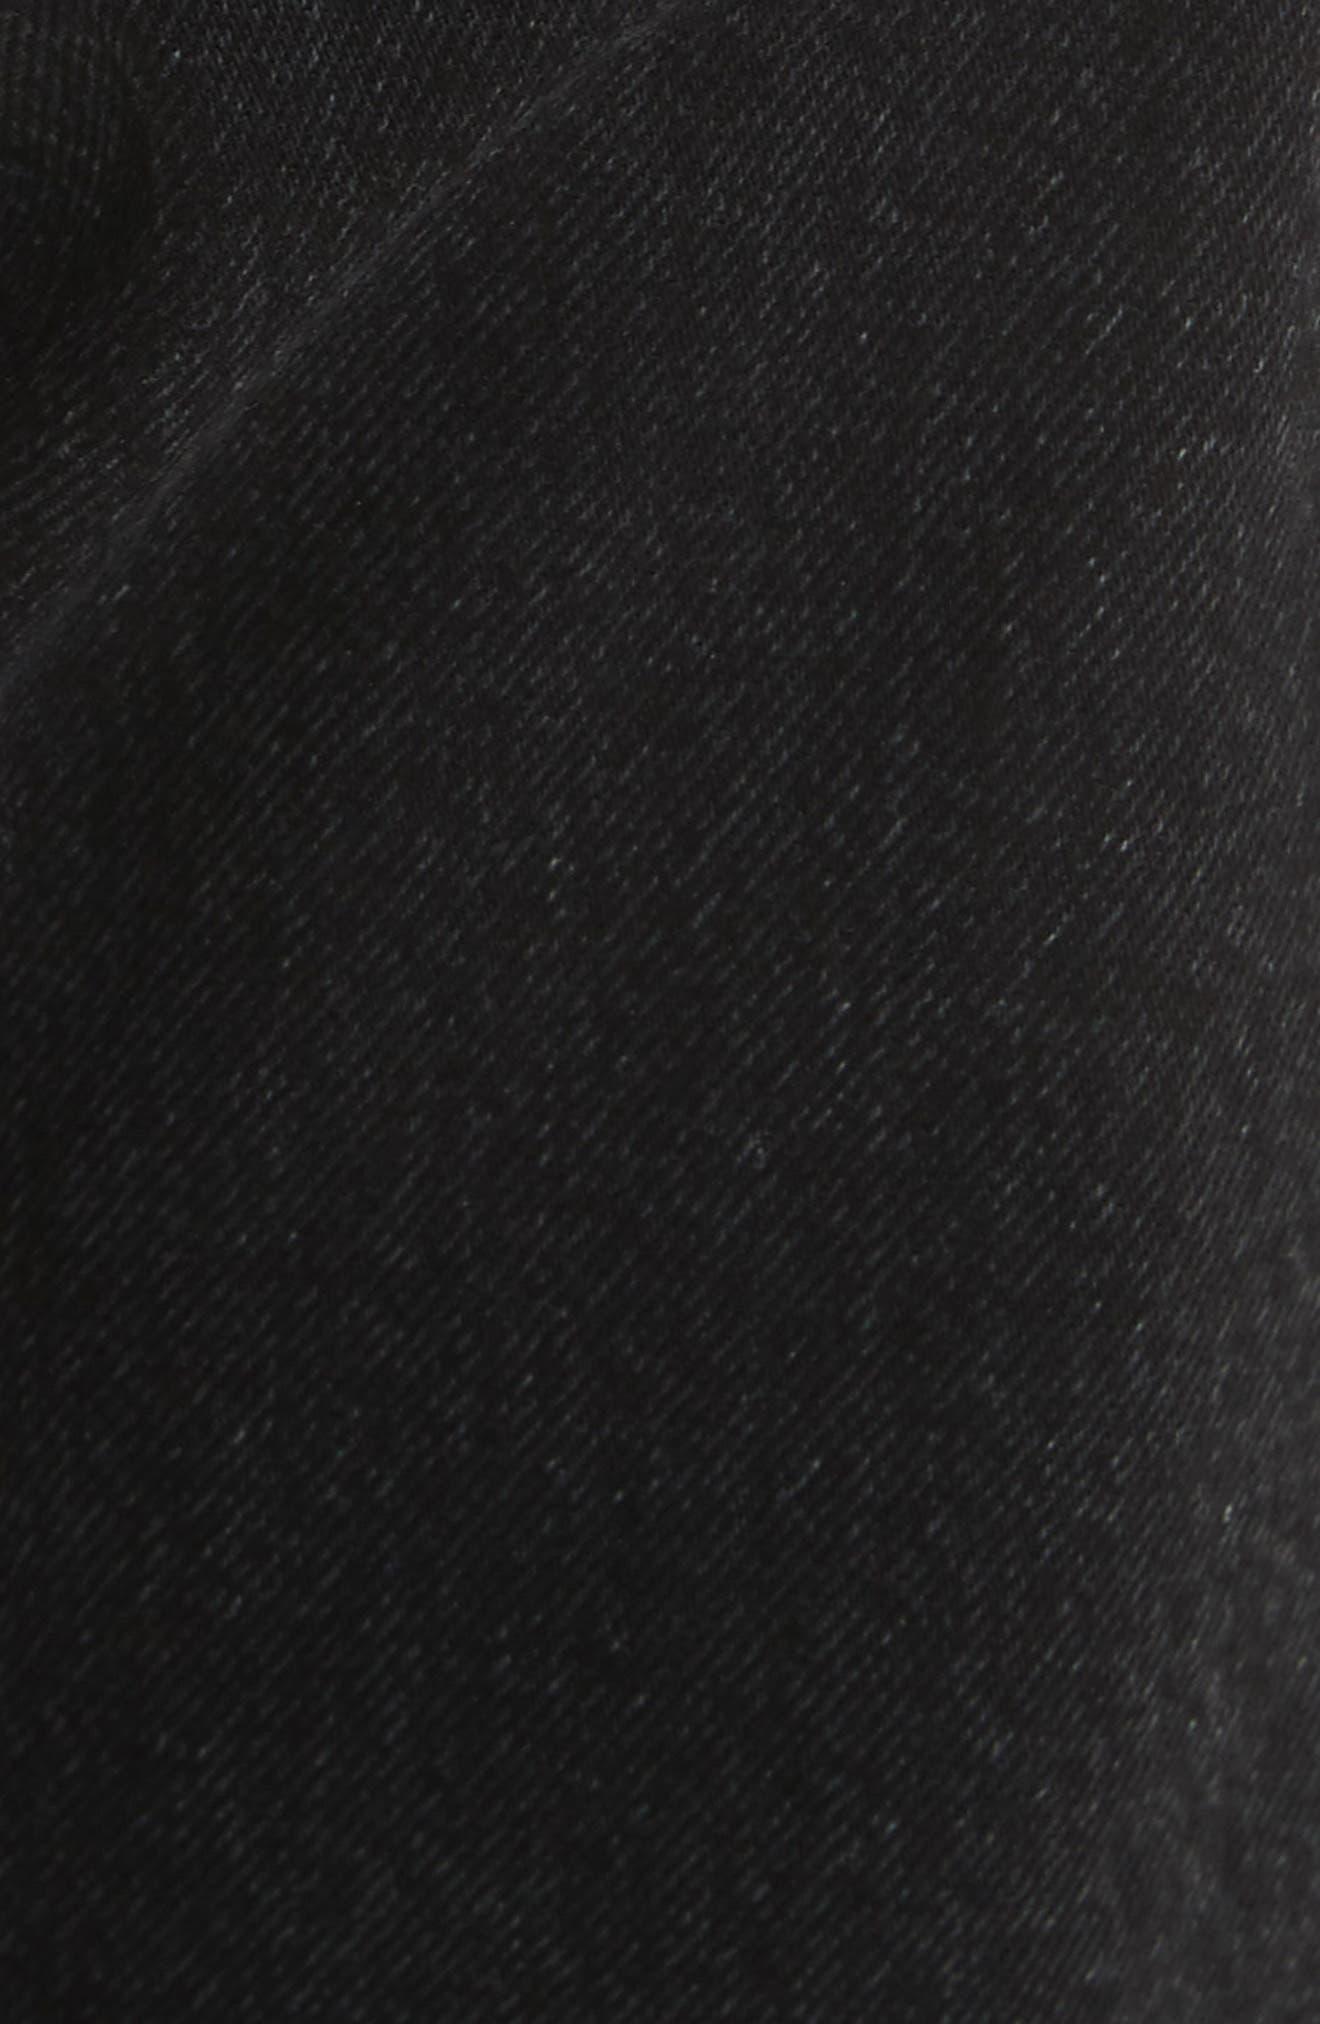 Belted Jeans,                             Alternate thumbnail 5, color,                             Black Vintage Bla